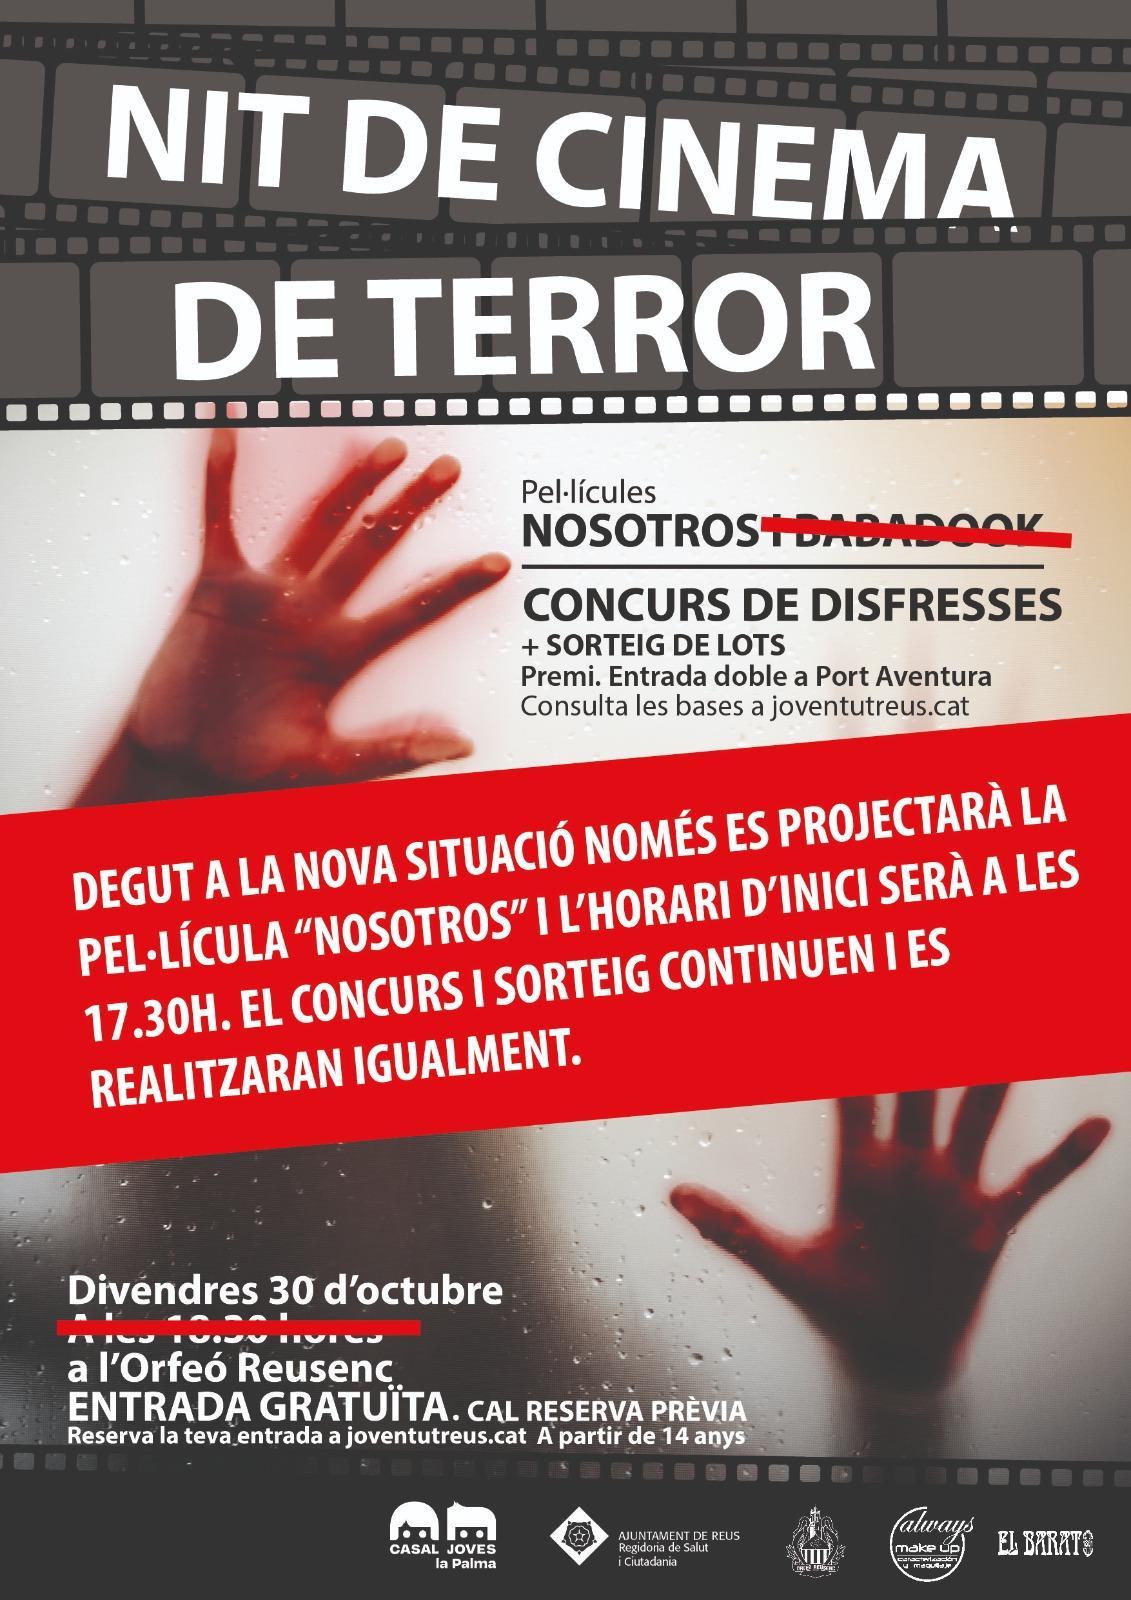 Nit de cinema de terror